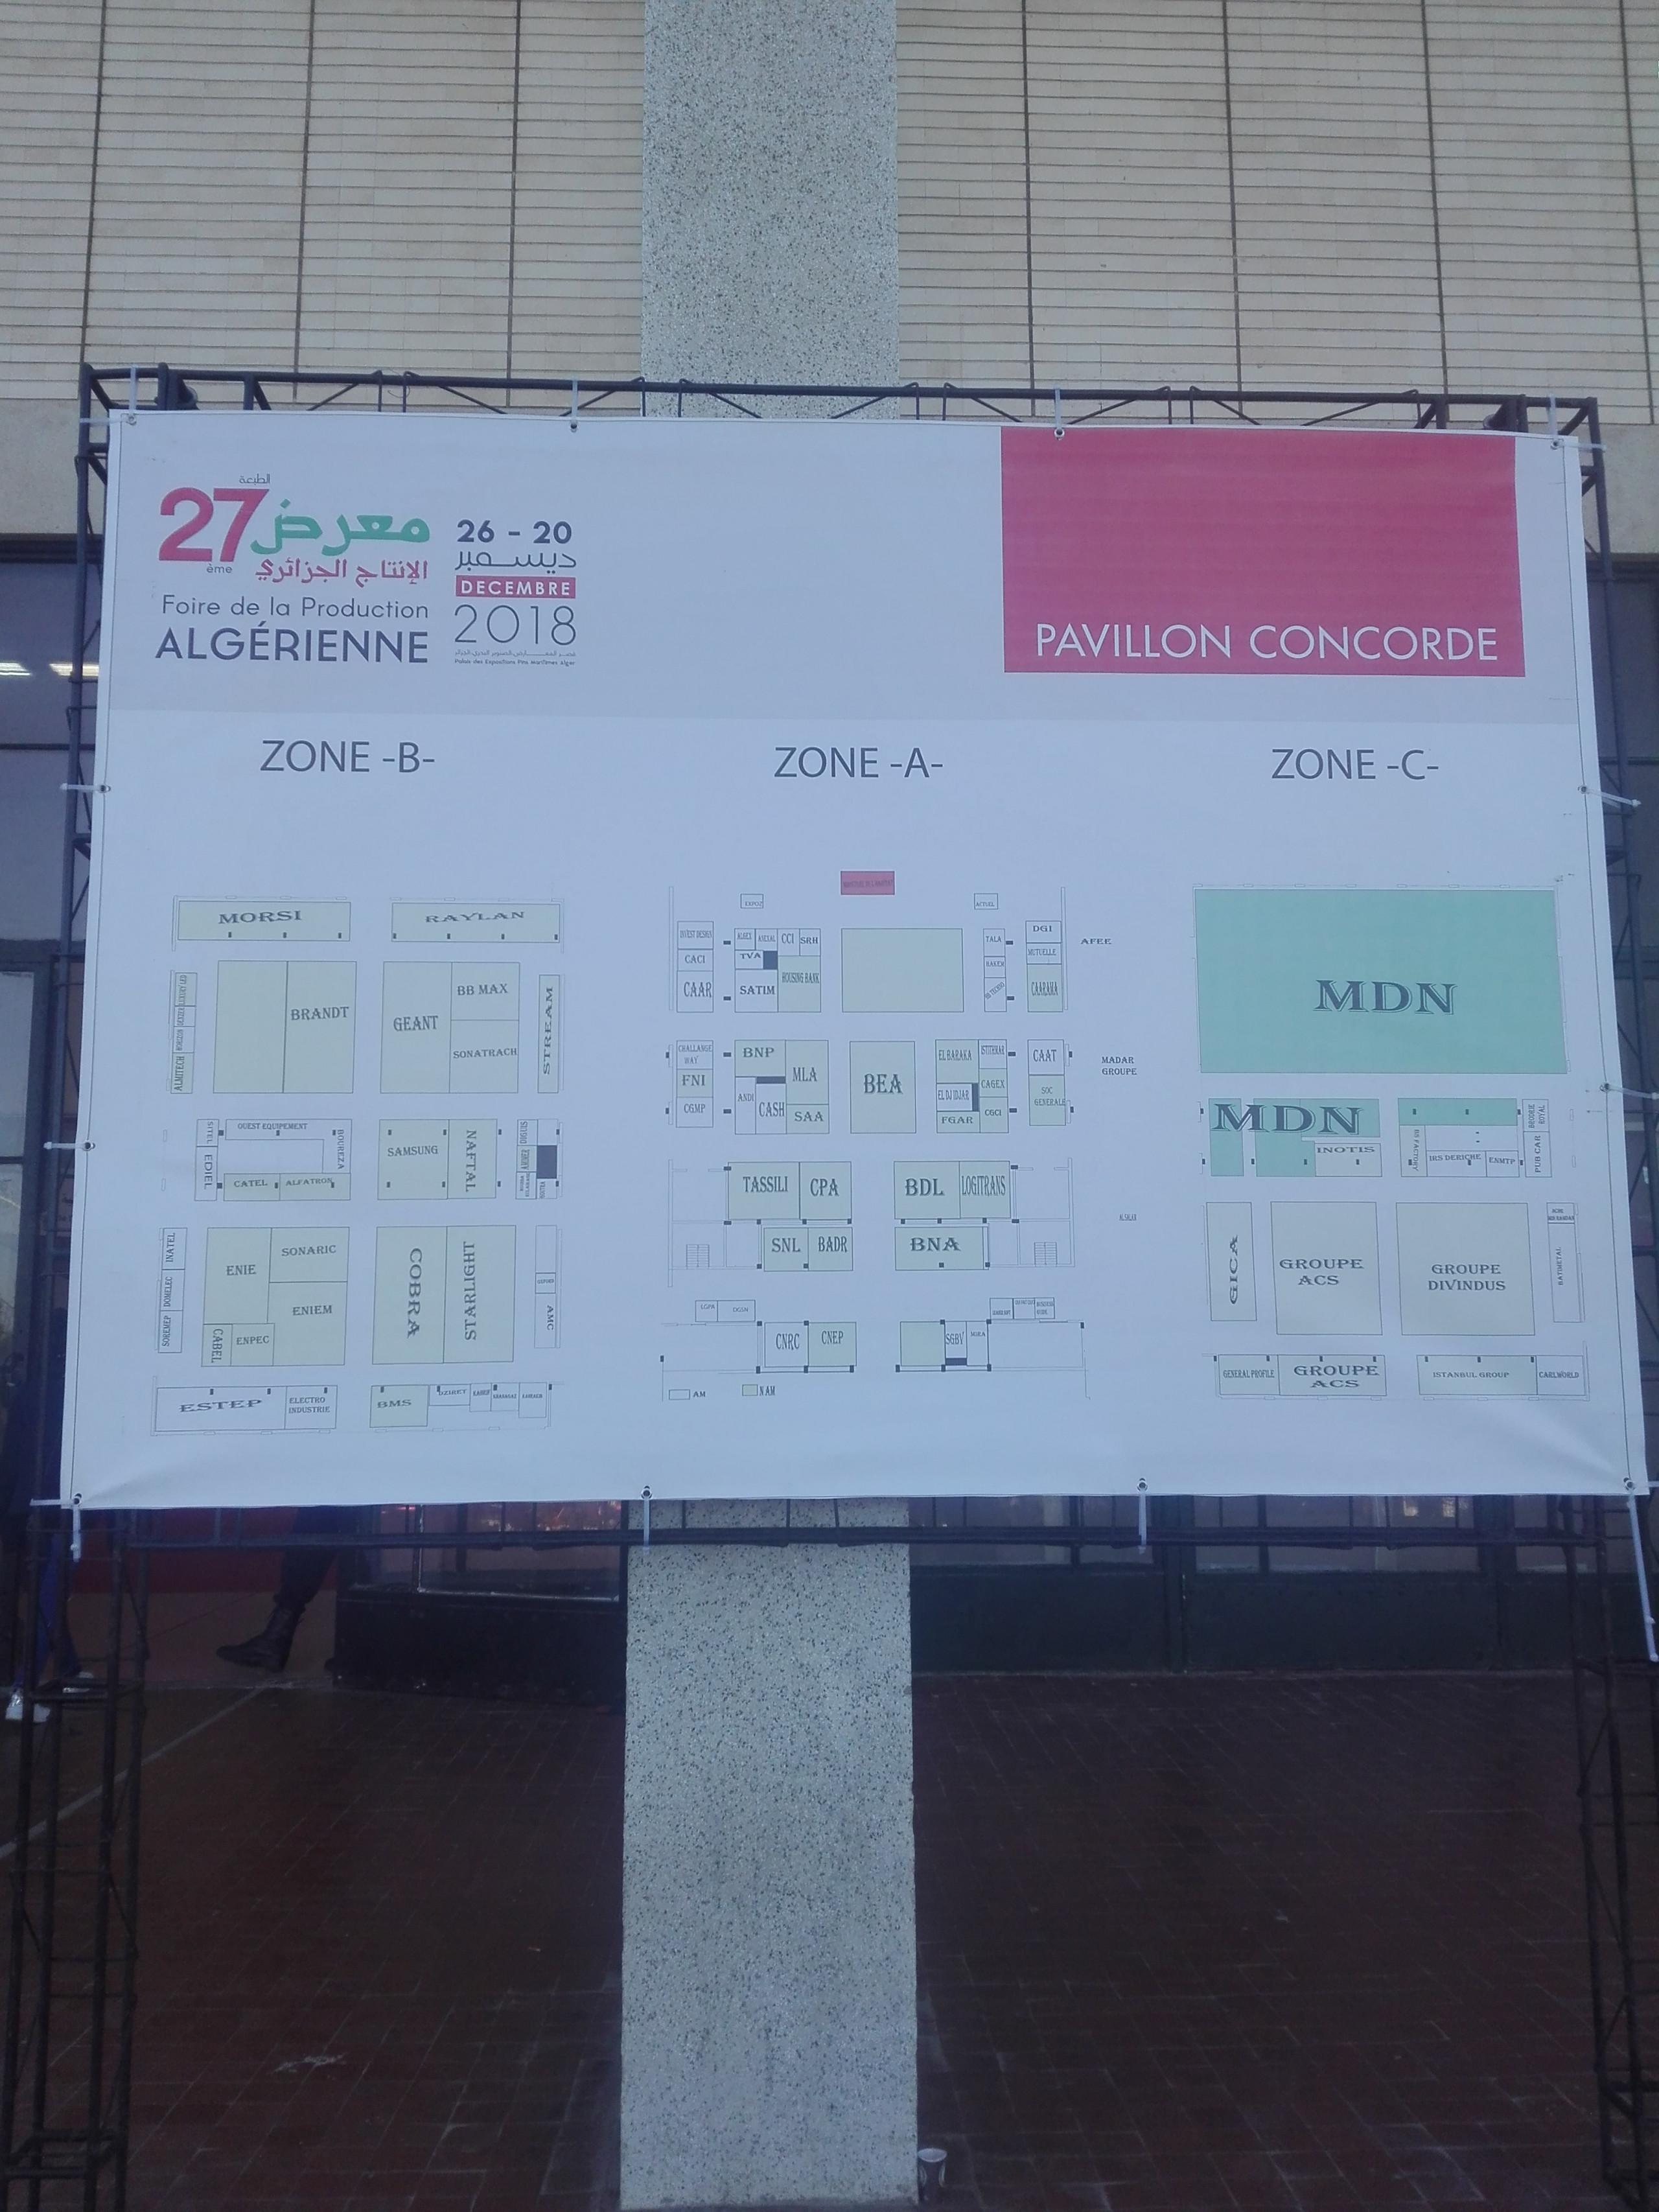 Foire de la Production Algérienne 2018